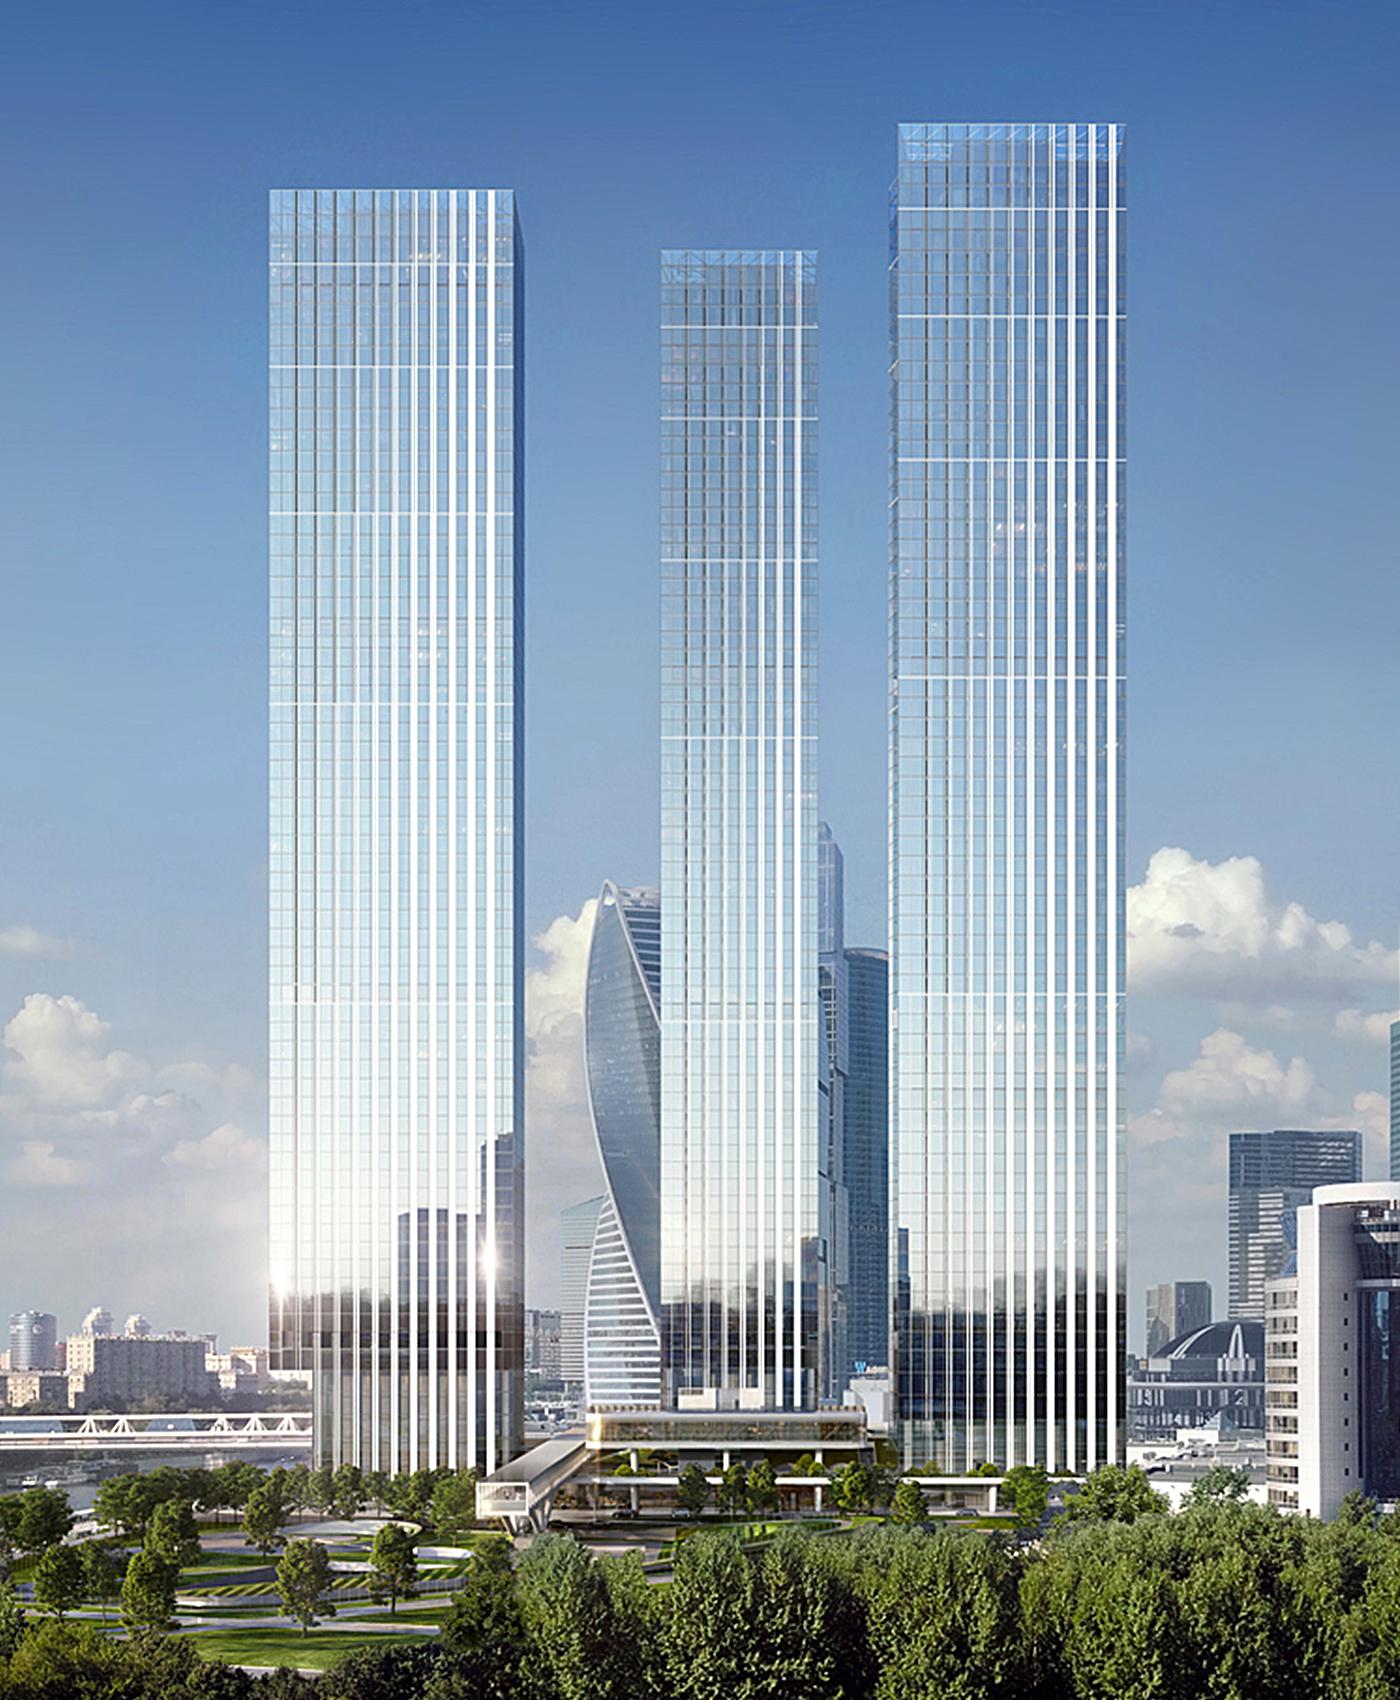 сколько стоит квартира в небоскребе в дубае